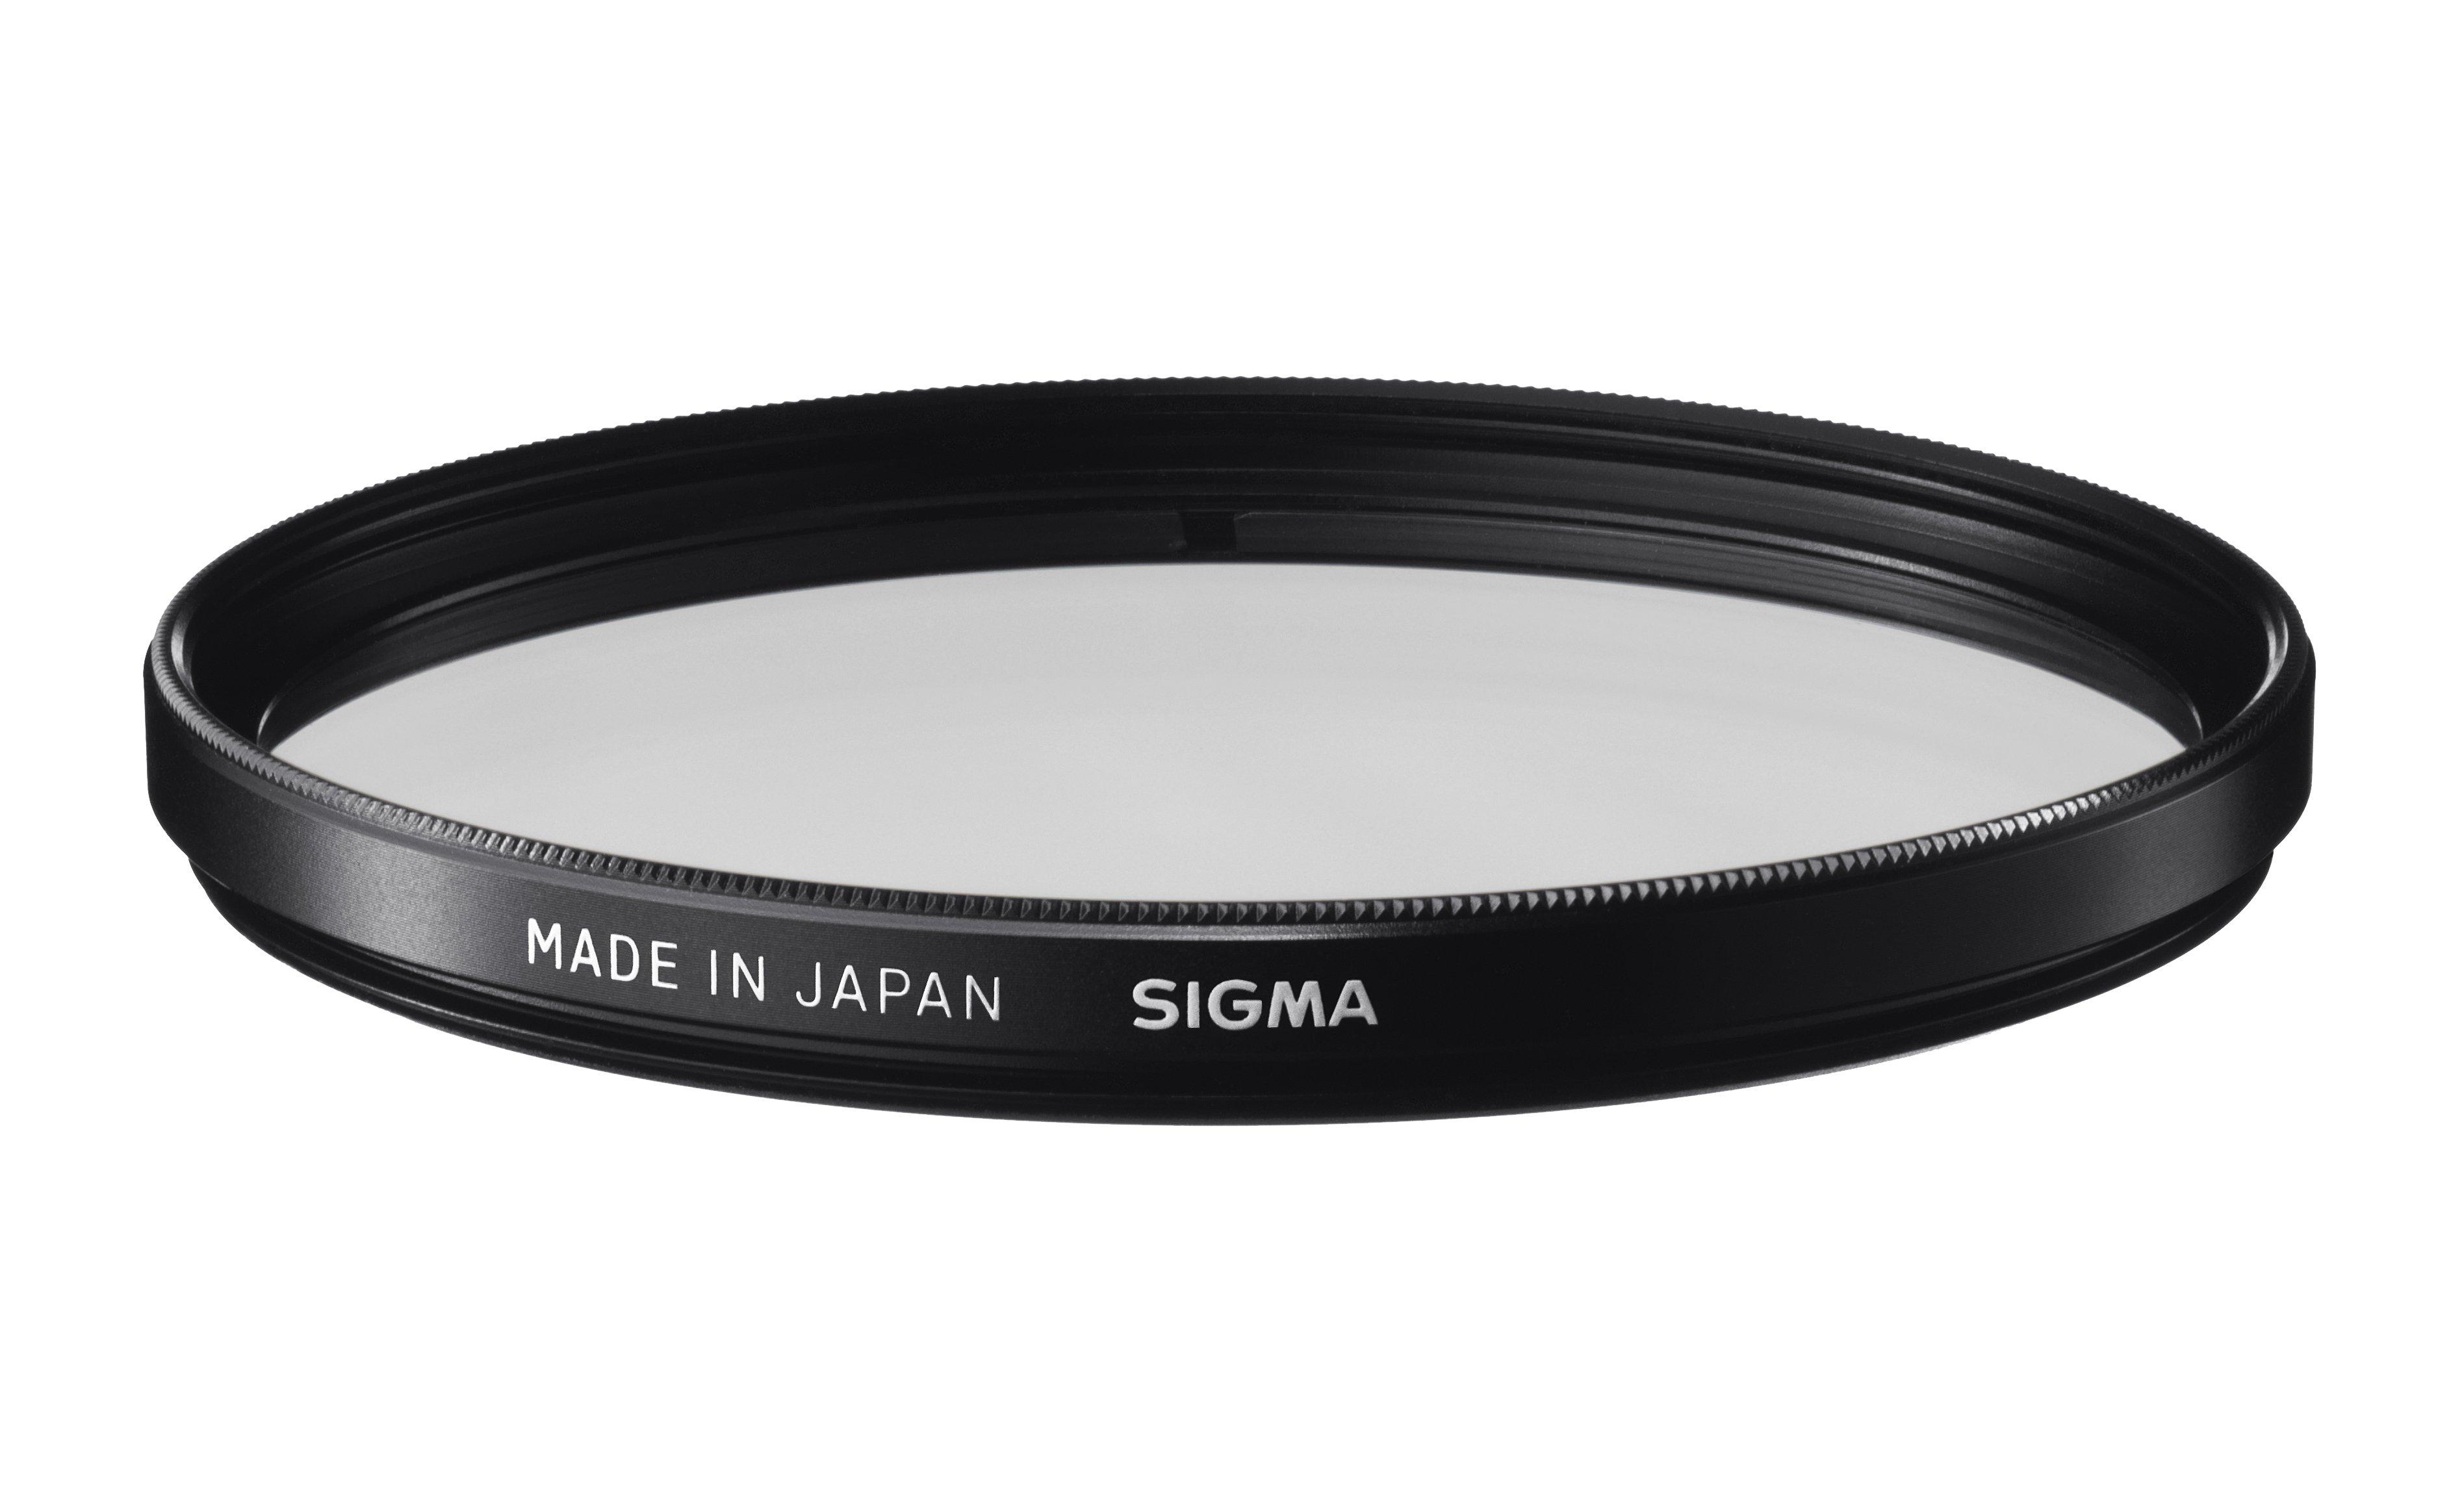 SIGMA filtr ochranný 95 mm WR